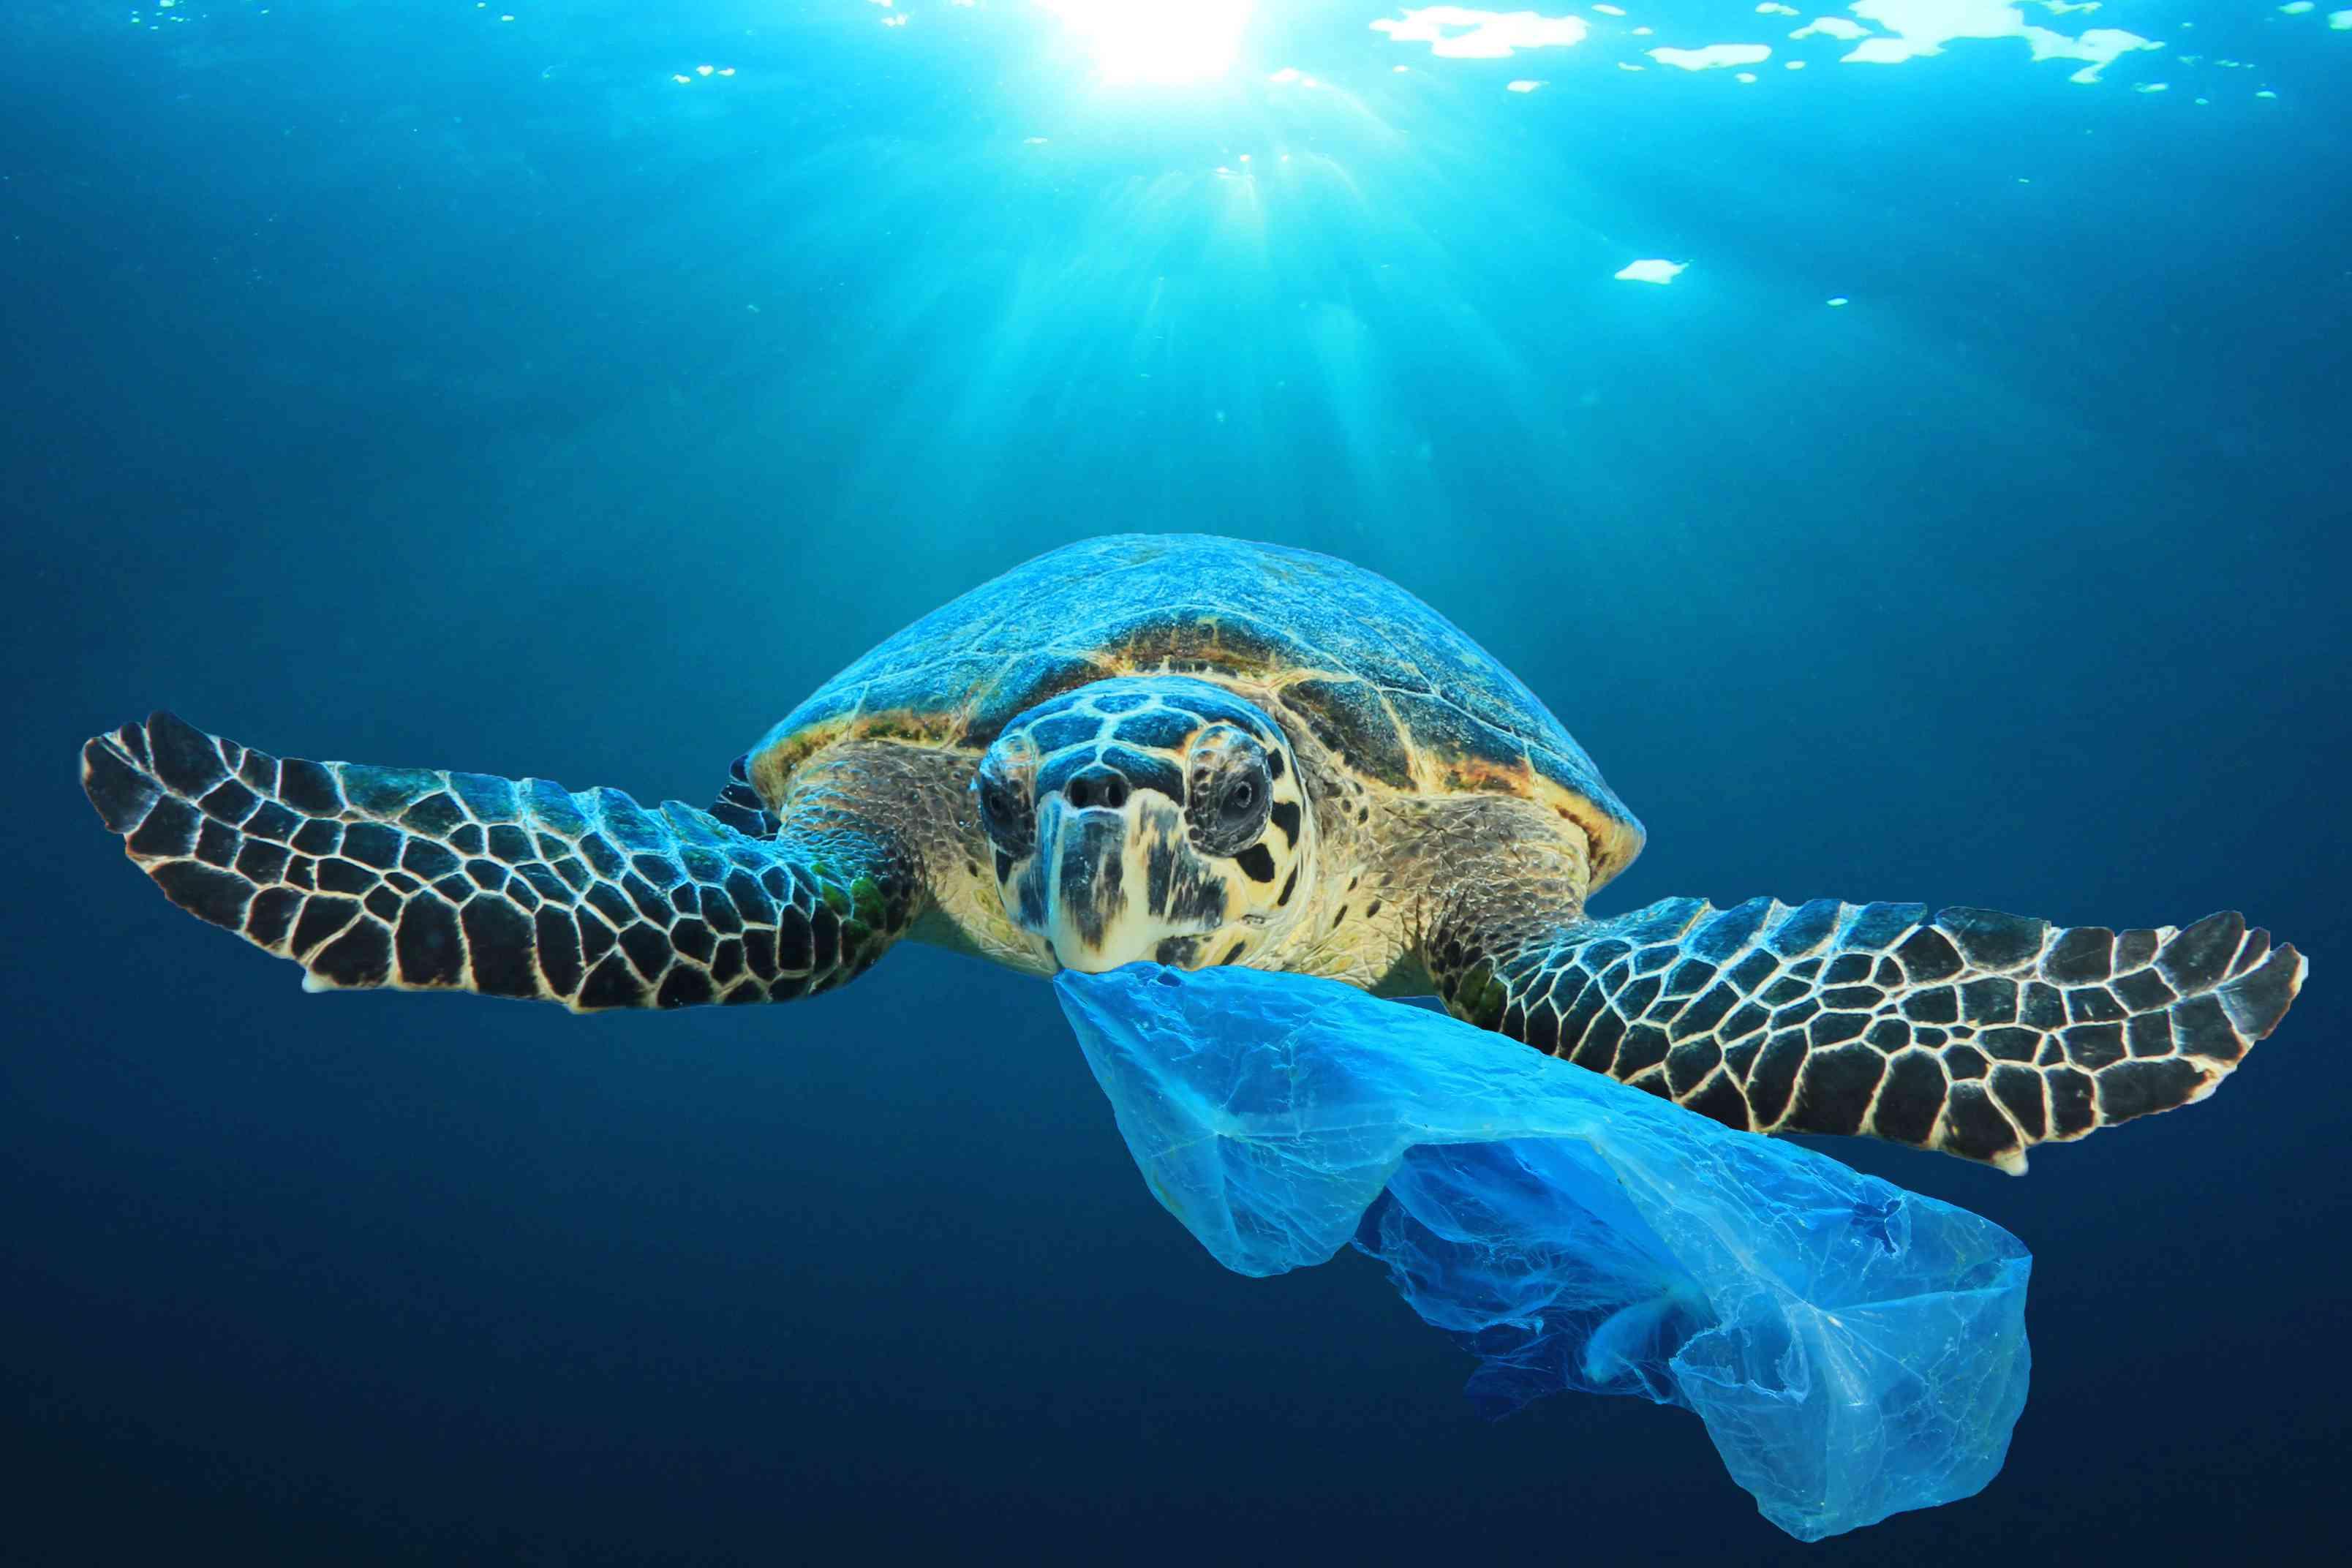 Sea turtles often mistake plastic for food.